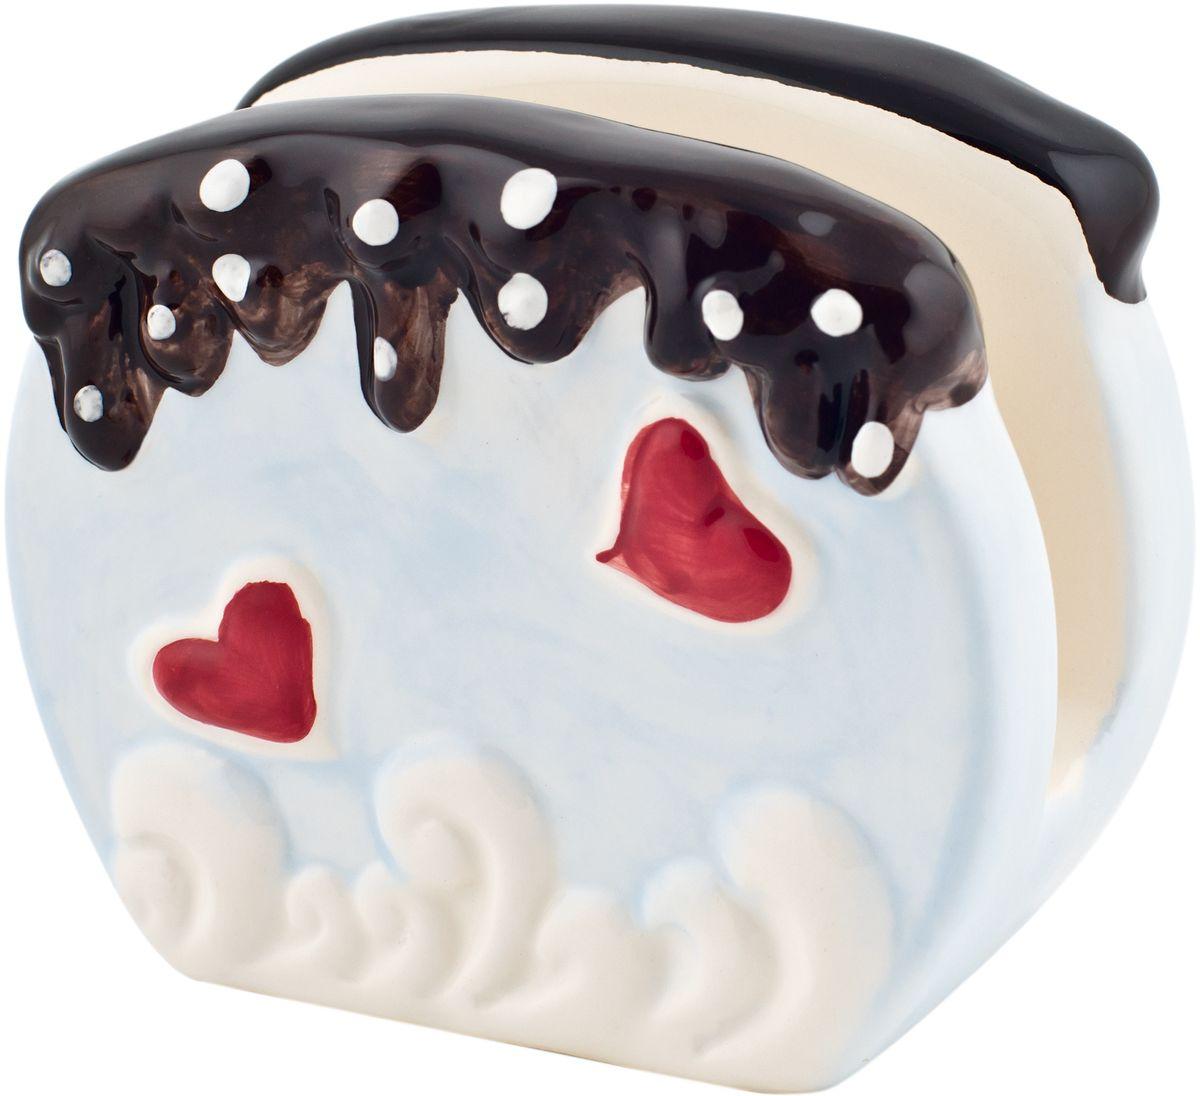 Салфетница Elff Decor, цвет: голубой, 7 х 10 х 9 см210-010Салфетница из коллекции Бисквиты сделает вашу кухню яркой и незабываемой. Эти милые и веселые баночки для орешков, конфет или специй выглядят очень аппетитно и придутся по душе любой хозяйке. Порадуйте близких и детей милым подарком!